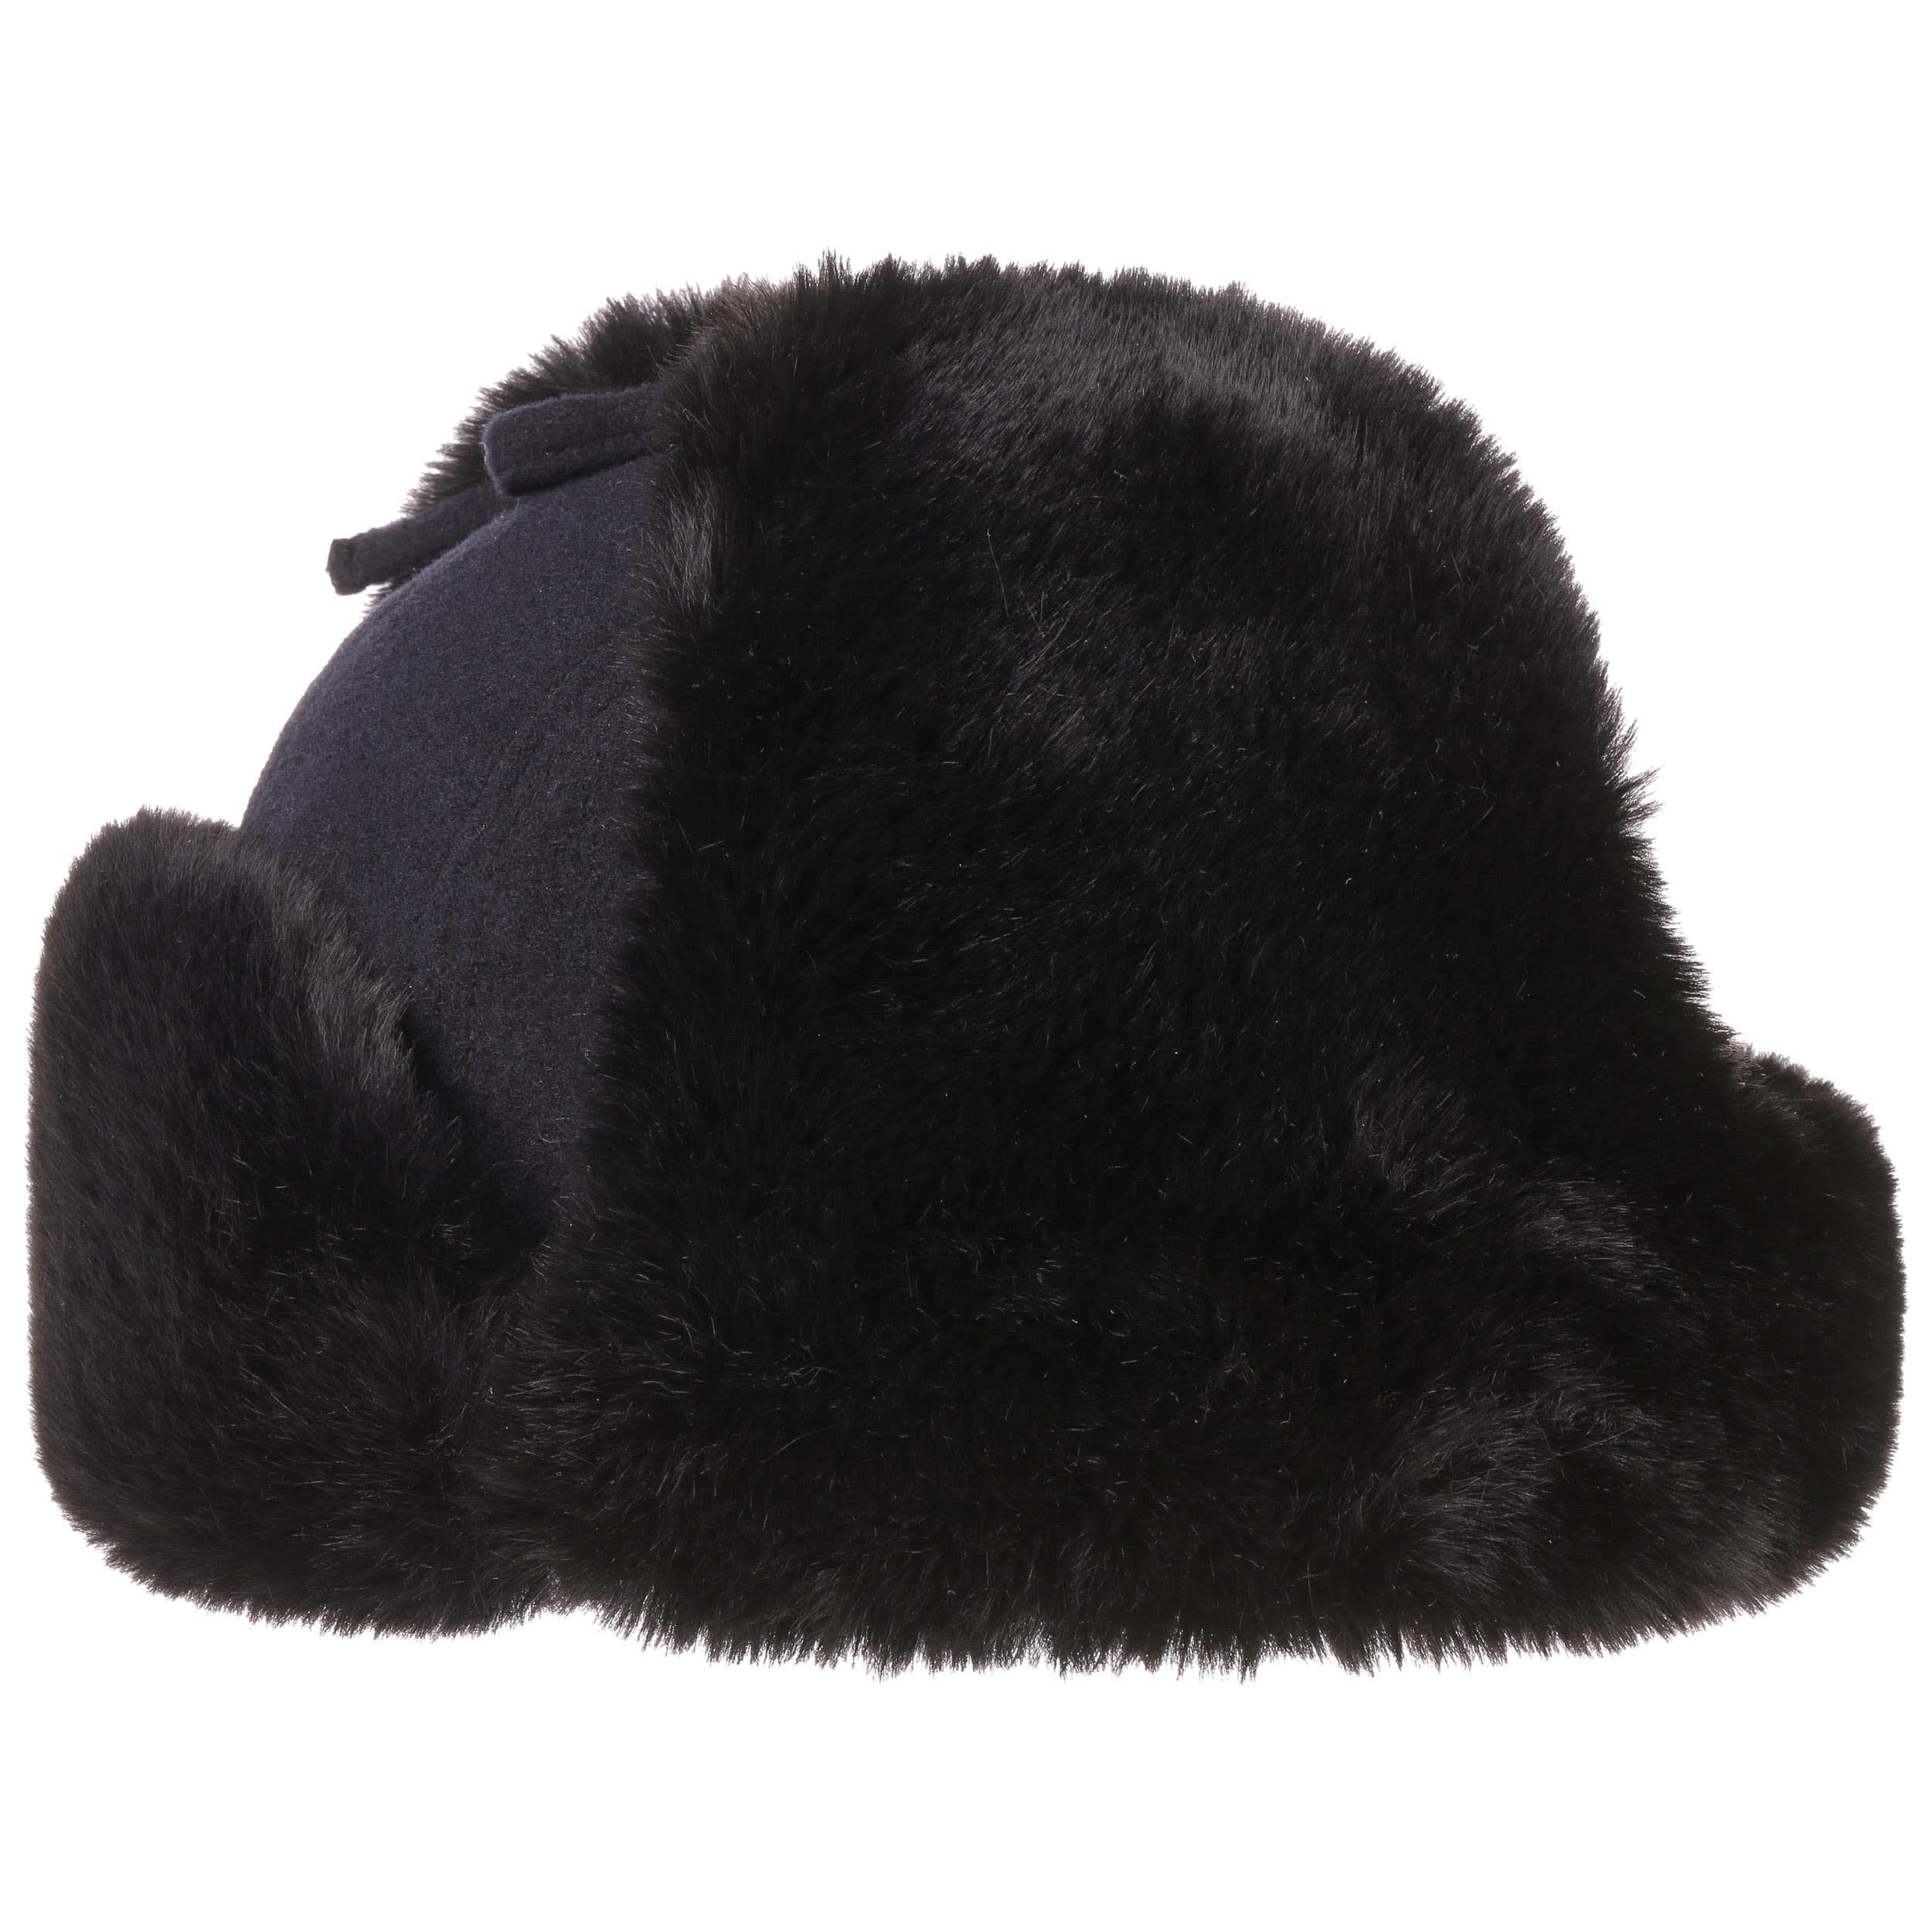 Barnaco Wool Fliegermütze dunkelblau